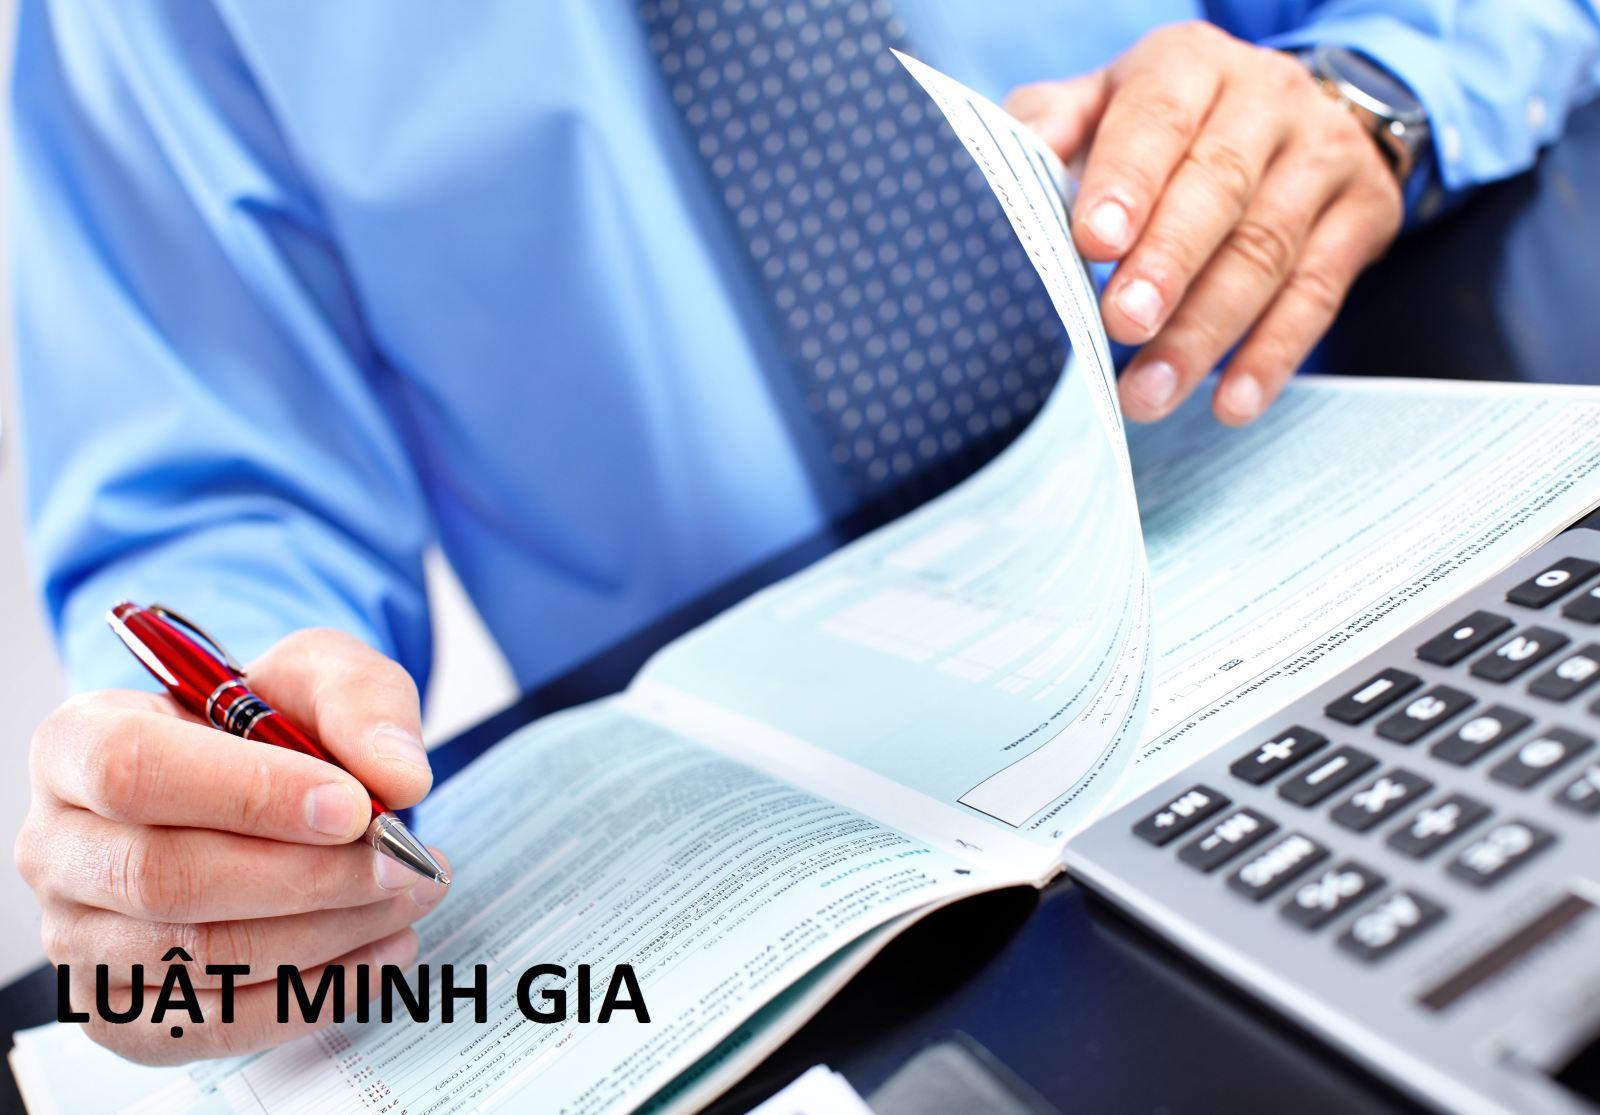 Cổ đông thực hiện thanh toán số cổ phần đã đăng ký mua khi đăng ký doanh nghiệp?